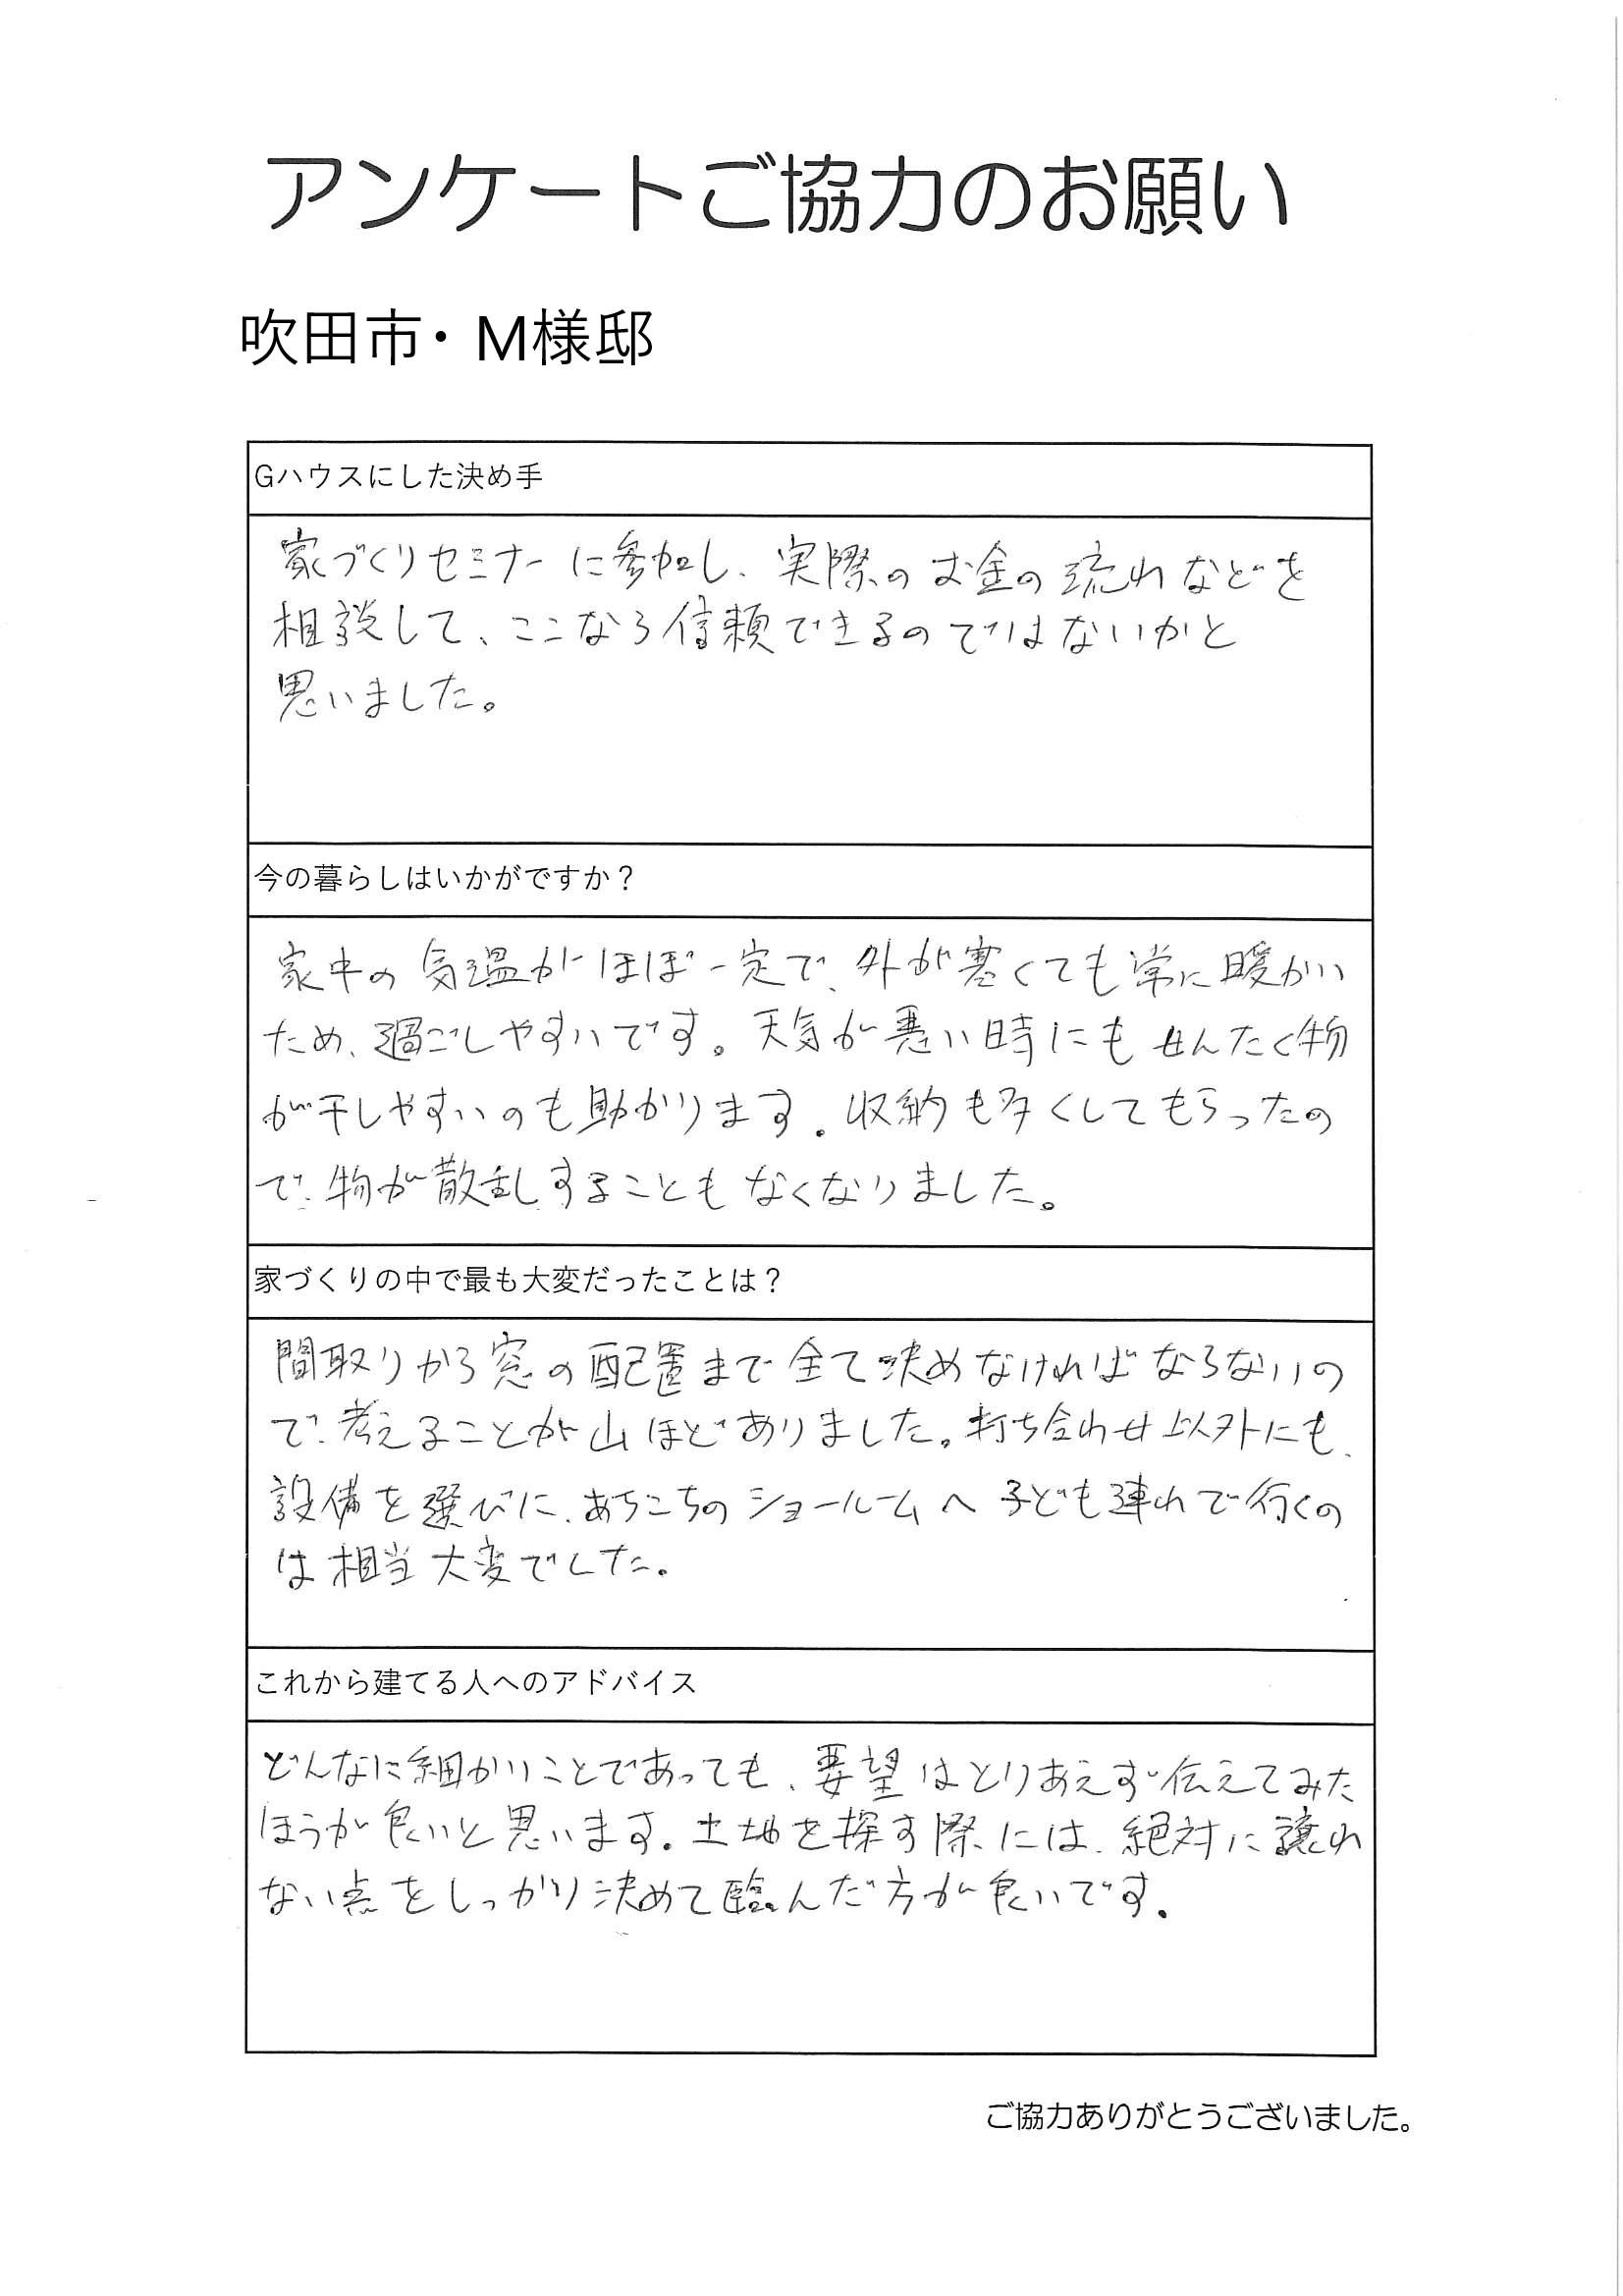 吹田市・M様邸のアンケート